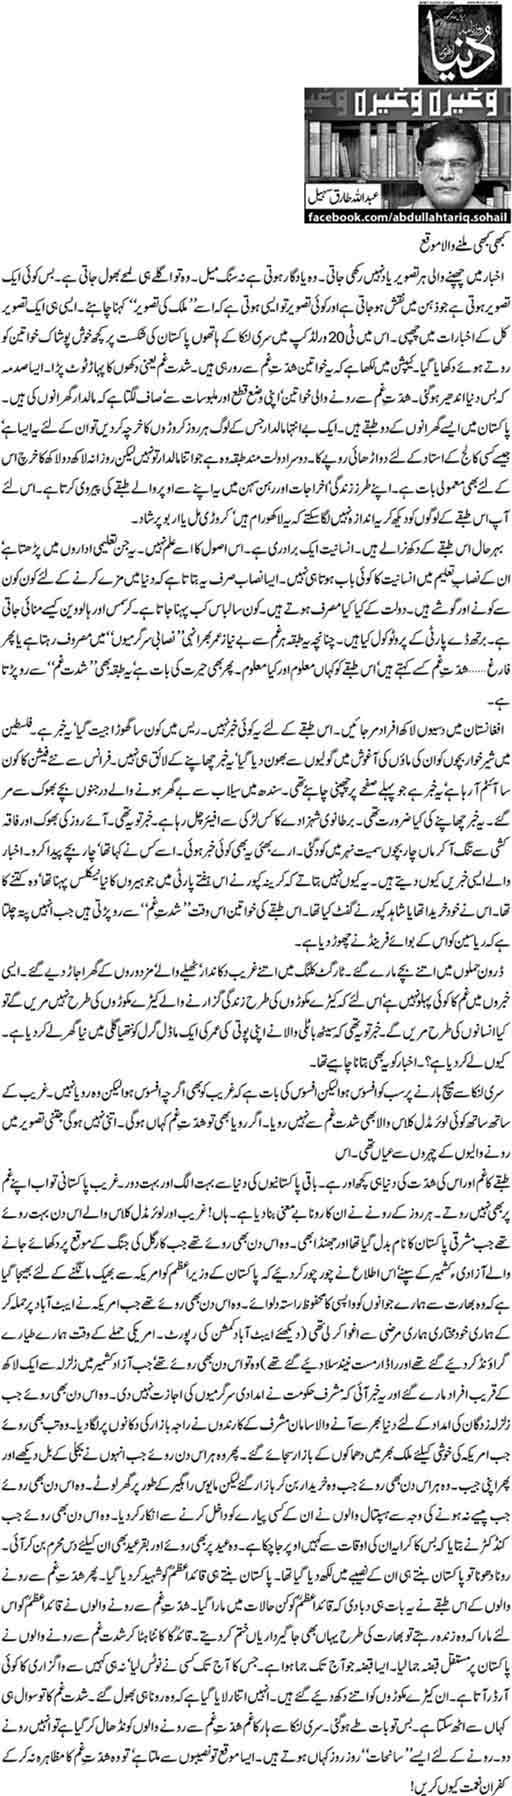 Kabhi kabhi milne wala moka - Abdullah Tariq Sohail